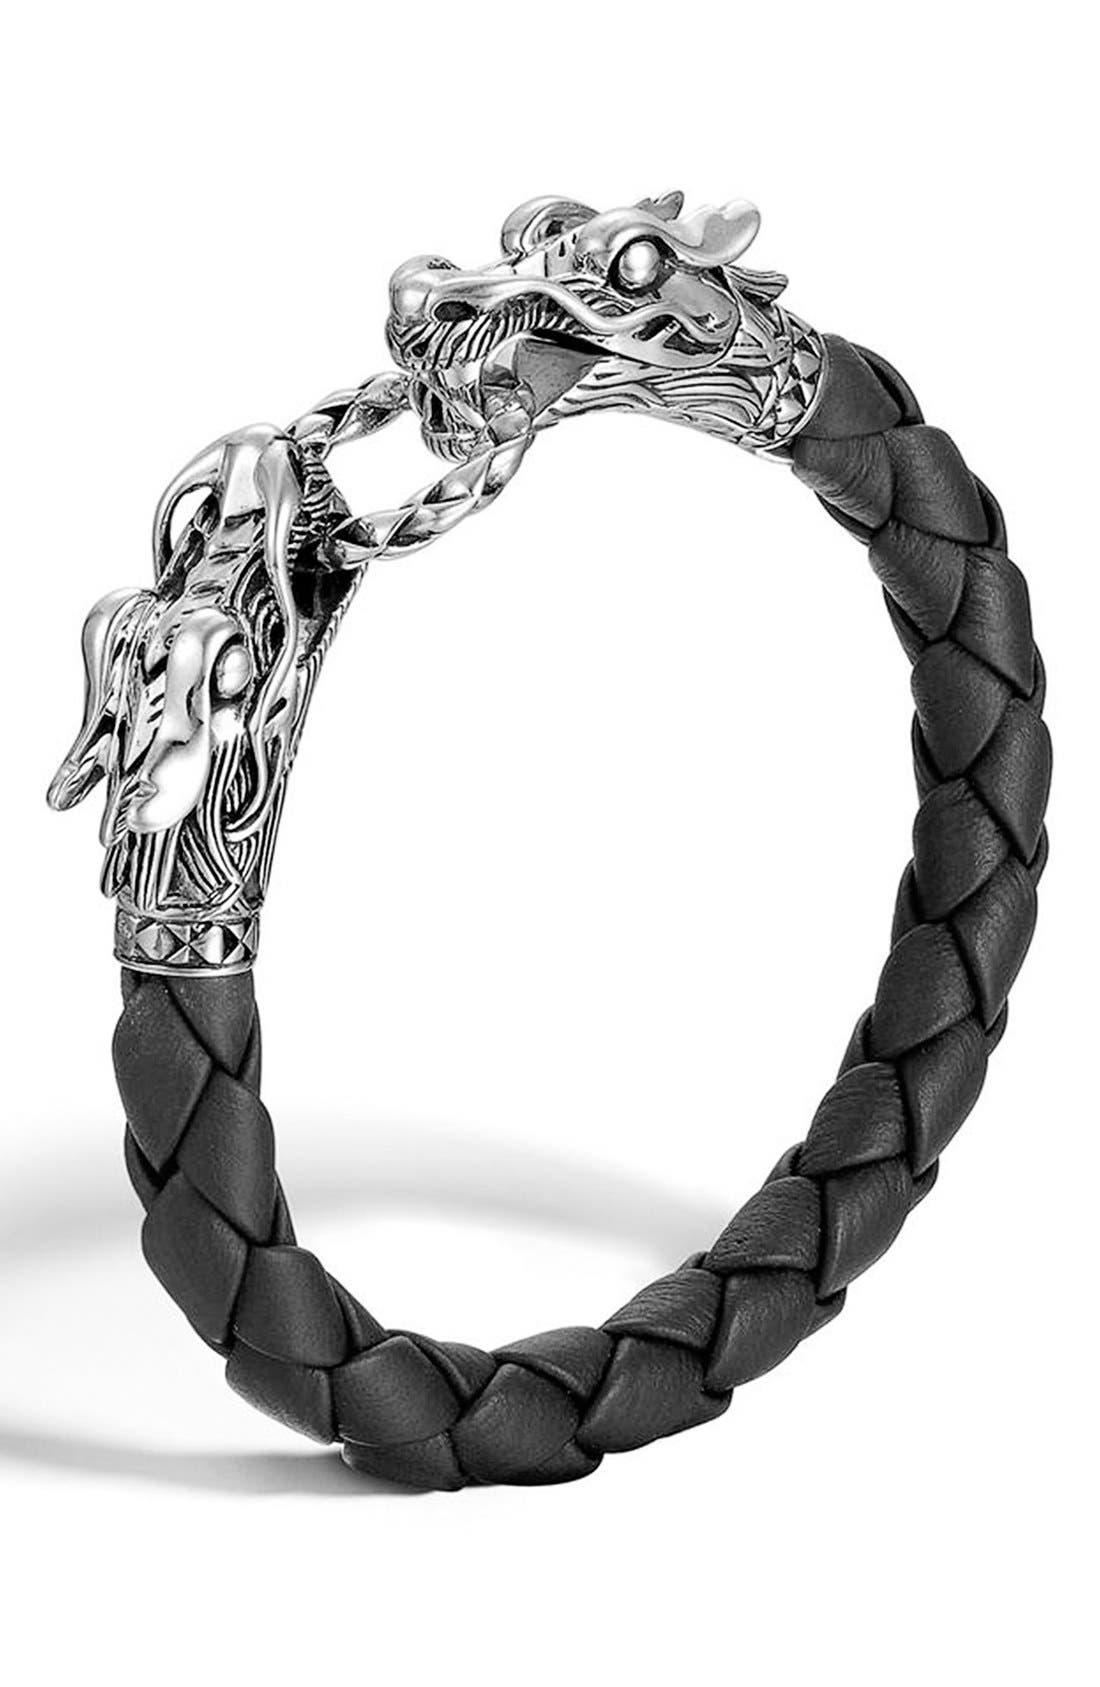 'Legends' Leather Dragon Bracelet,                         Main,                         color, Sterling Silver